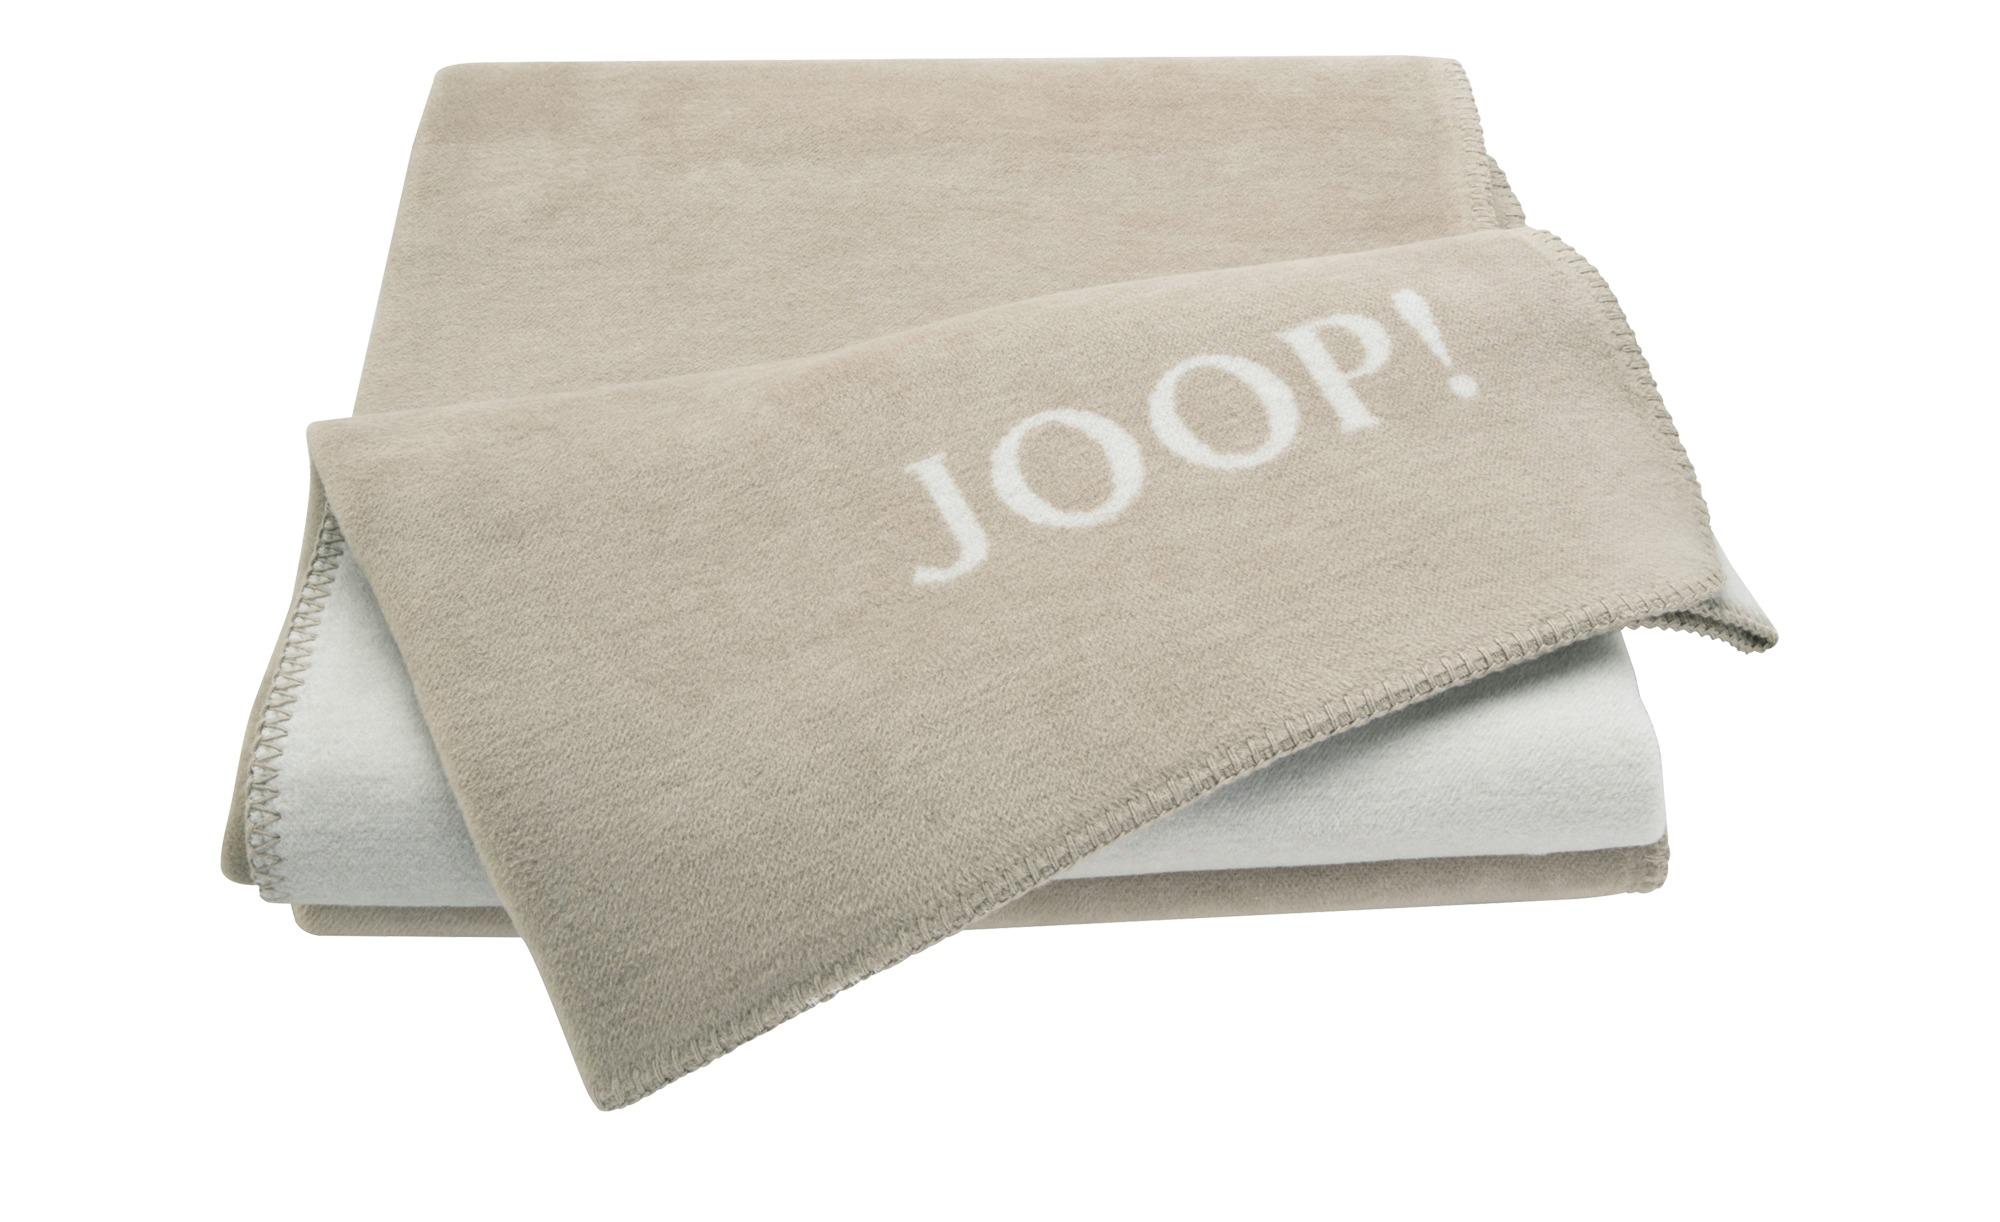 JOOP! Wohndecke-Doubleface  Joop! Uni-Doubleface ¦ beige ¦ 58% Baumwolle 35% Polyacryl, 7% Polyester ¦ Maße (cm): B: 150 Heimtextilien > Kuscheldecken - Höffner